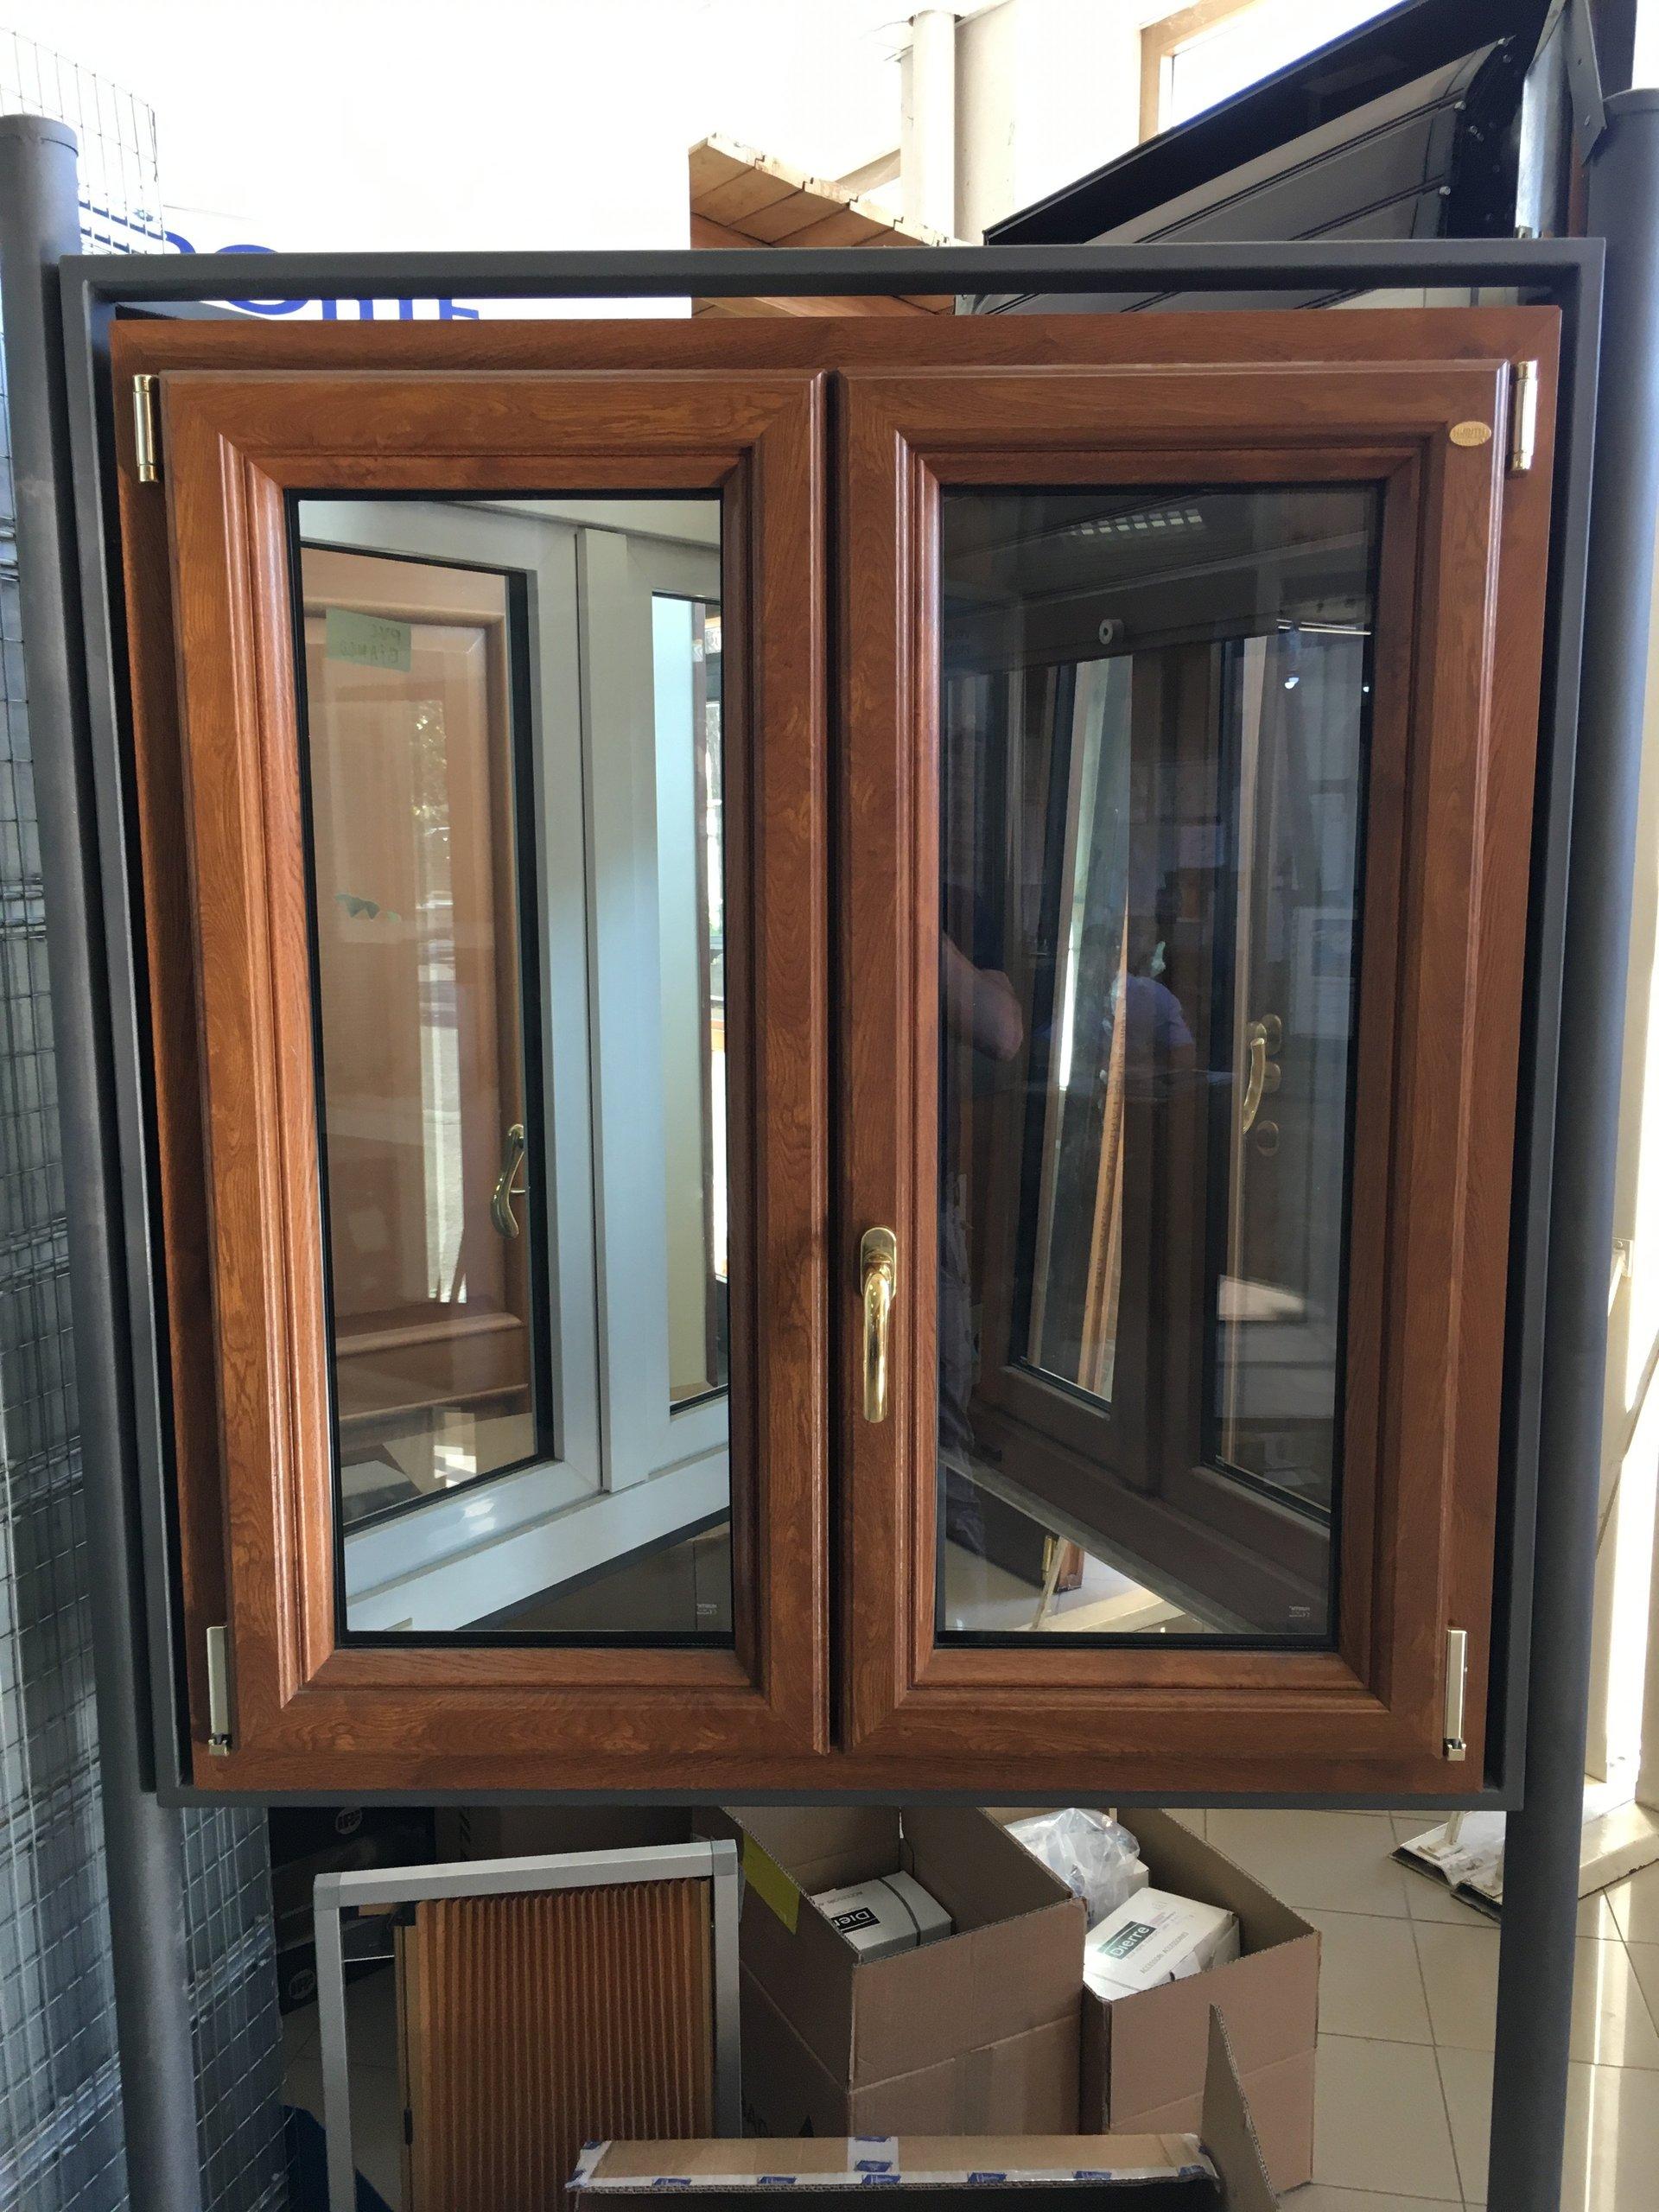 finestra con infissi in legno da installare